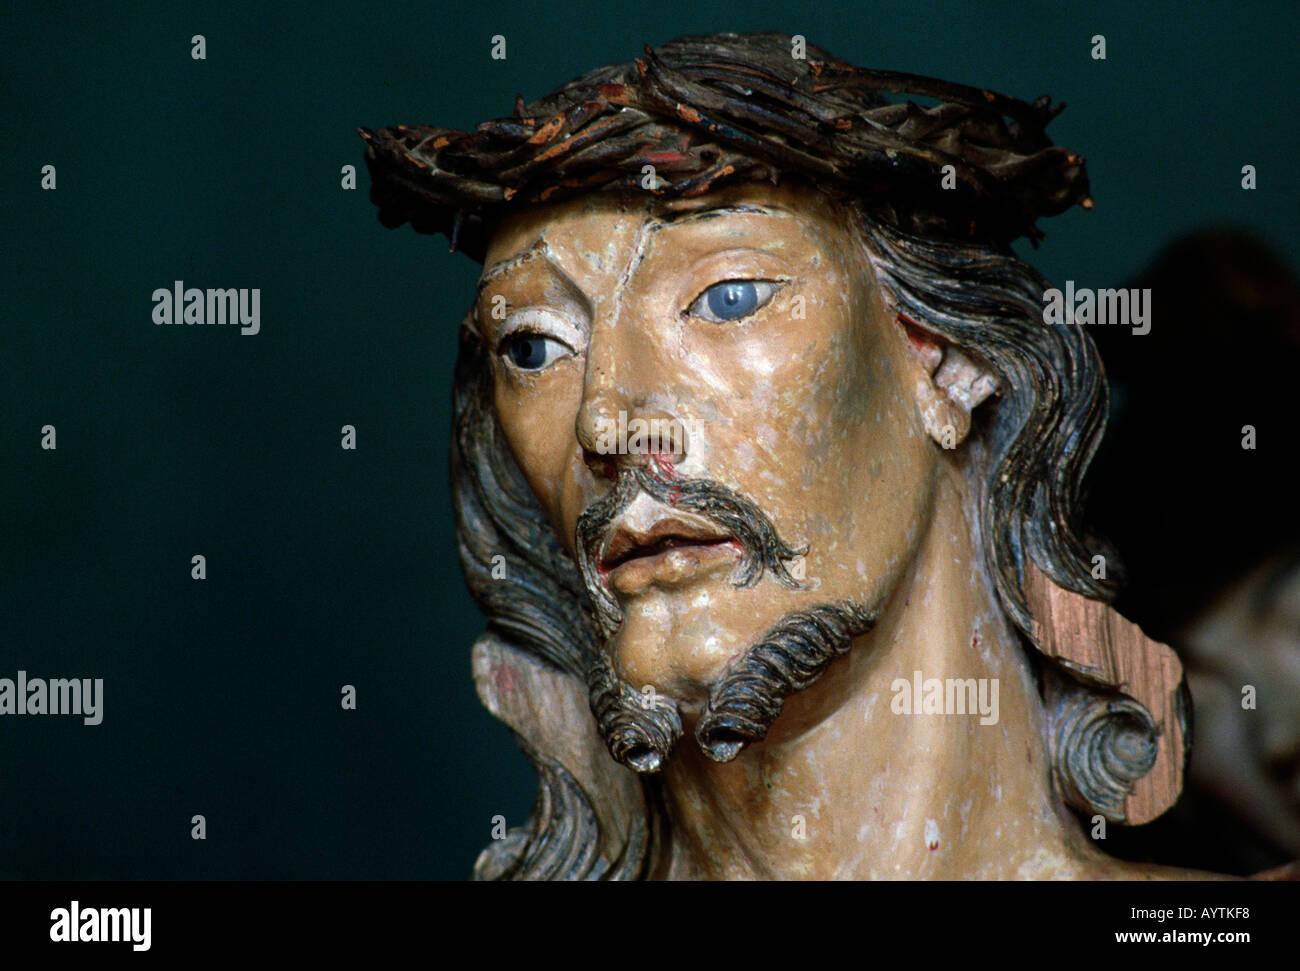 Brazil, BR-Congonhas do Campo, Minas Gerais, Bom Jesus de Matozinhos Basilica, wood carving, sculpture, Aleijadinho, Stock Photo